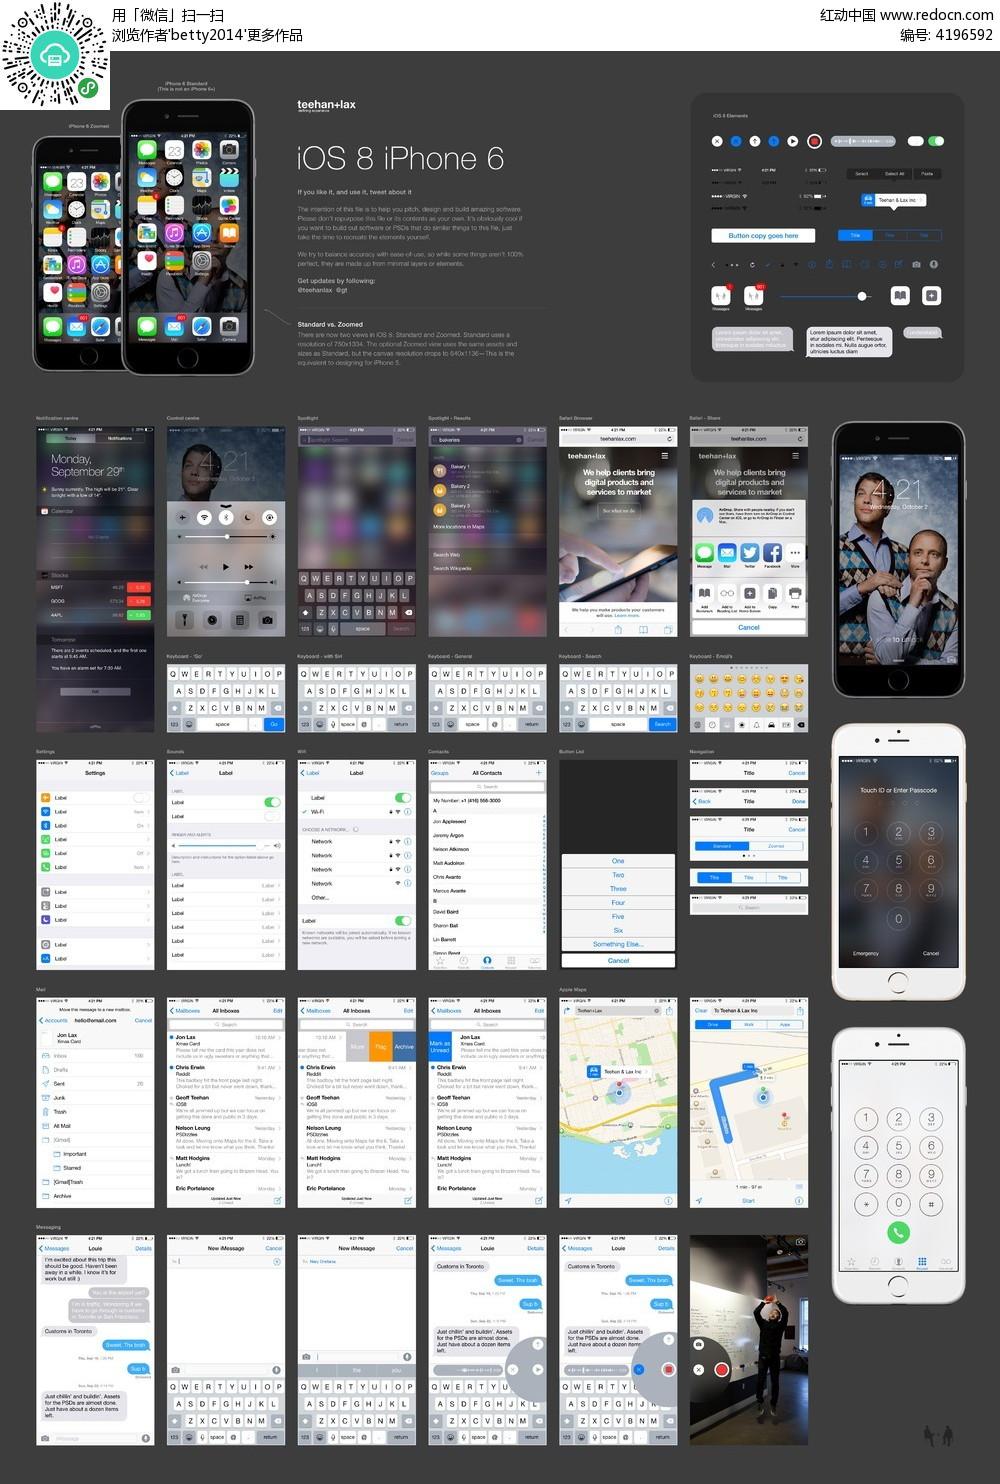 苹果手机界面UI元素图标PSD素材免费下载 编号4196592 红动网